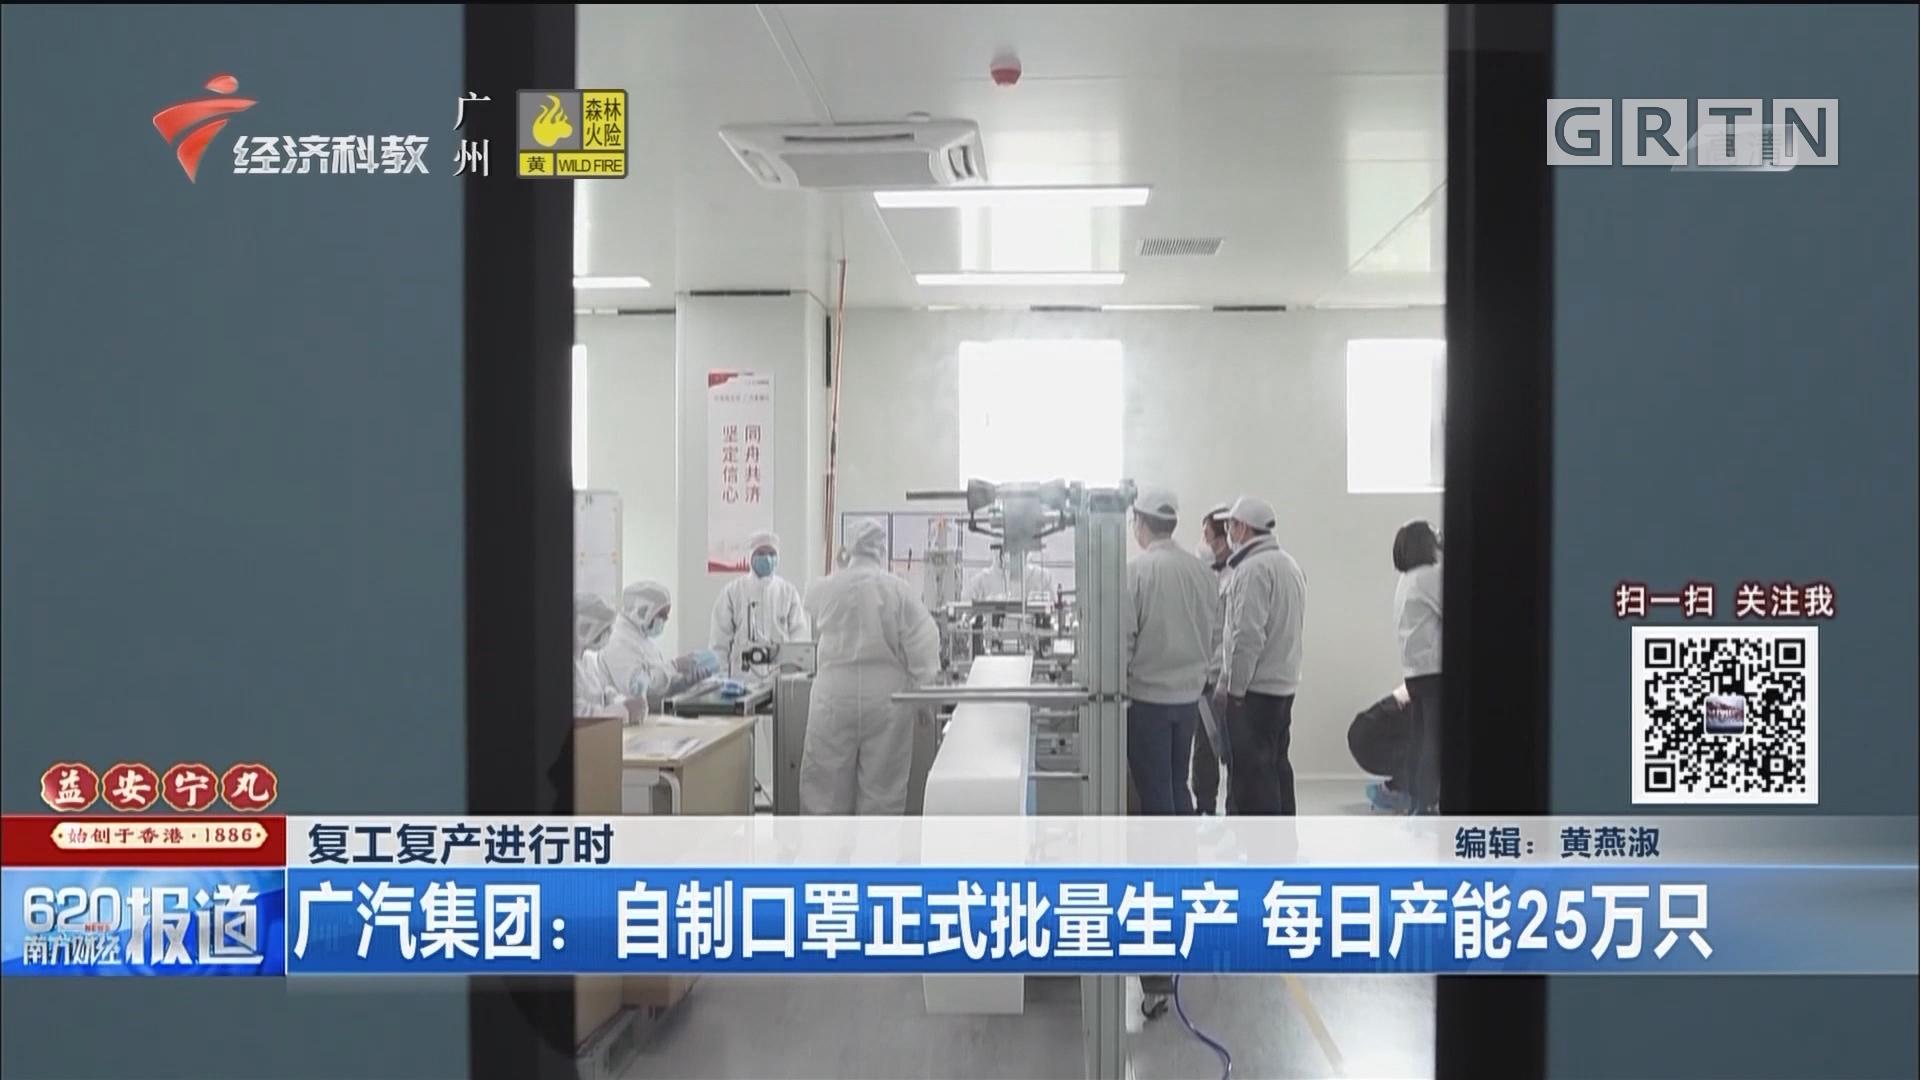 复工复产进行时 广汽集团:自制口罩正式批量生产 每日产能25万只